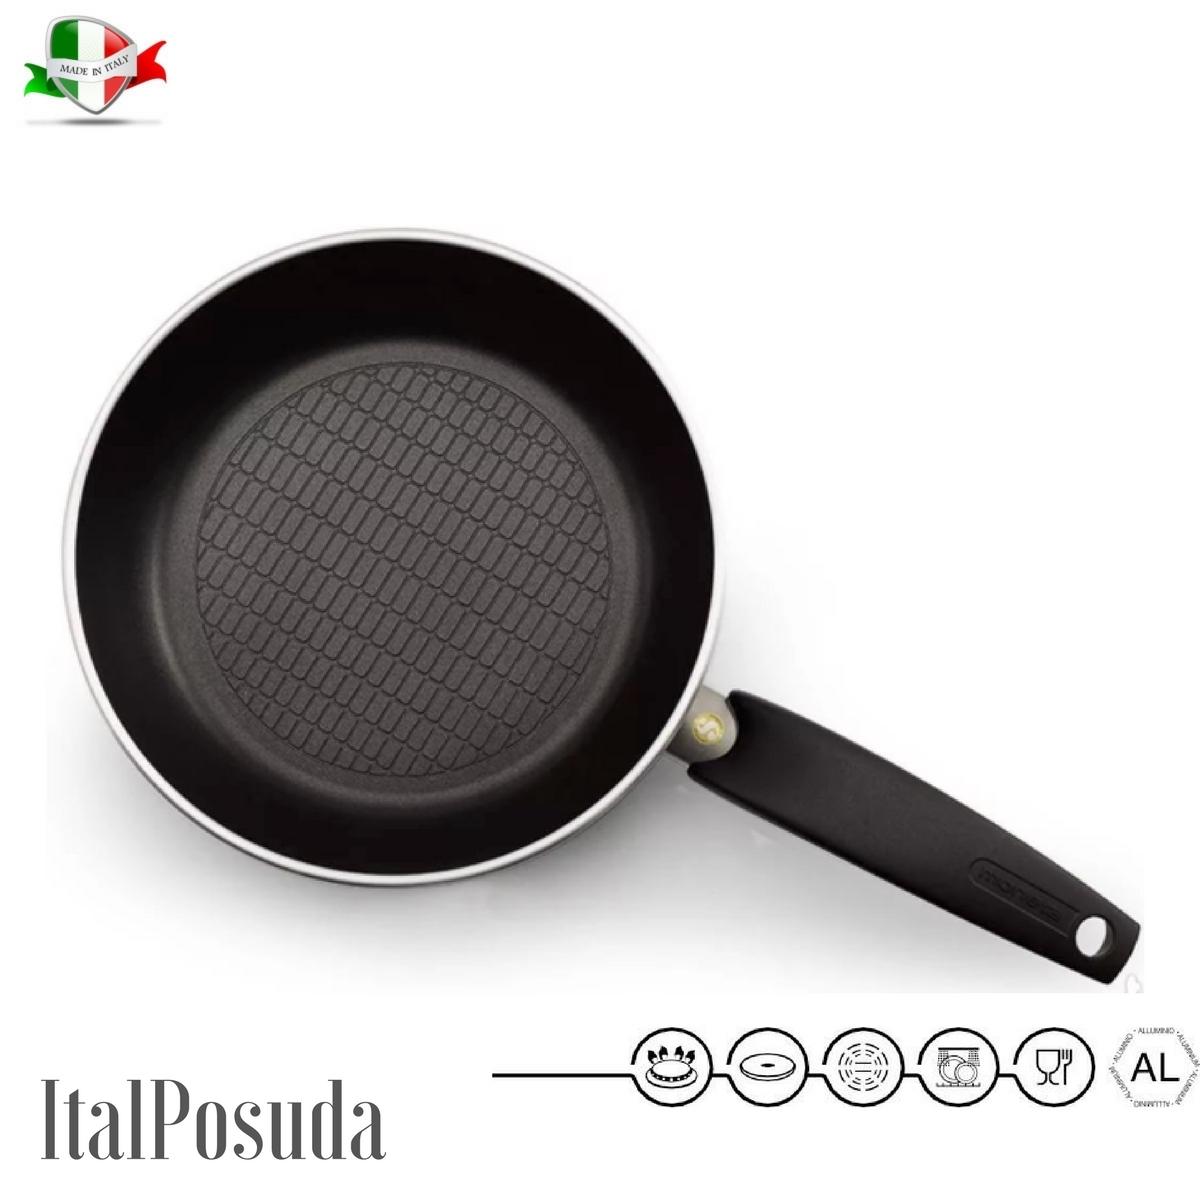 Сковорода MONETA Salvaenergia PLUS, 24 см